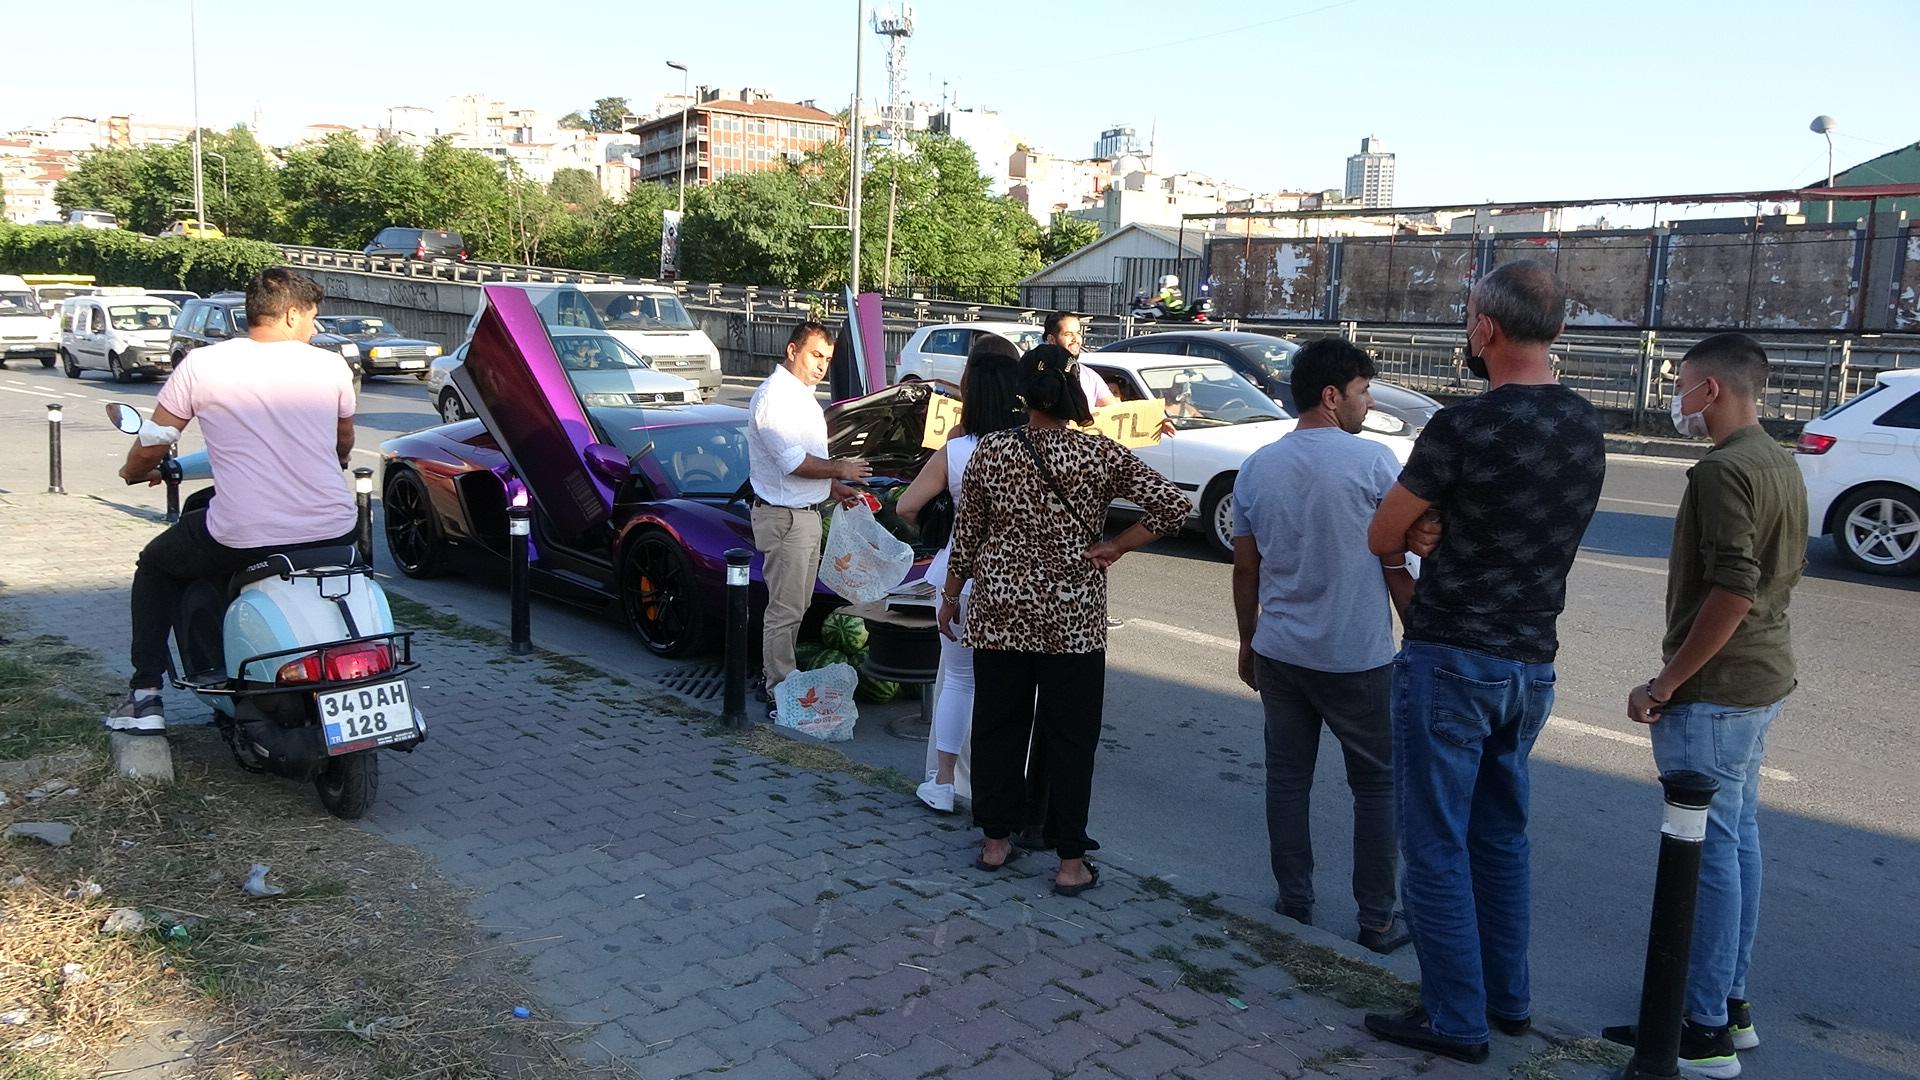 beyoglunda-luks-otomobilde-5-liraya-karpuz-satti-7151-dhaphoto4.jpg